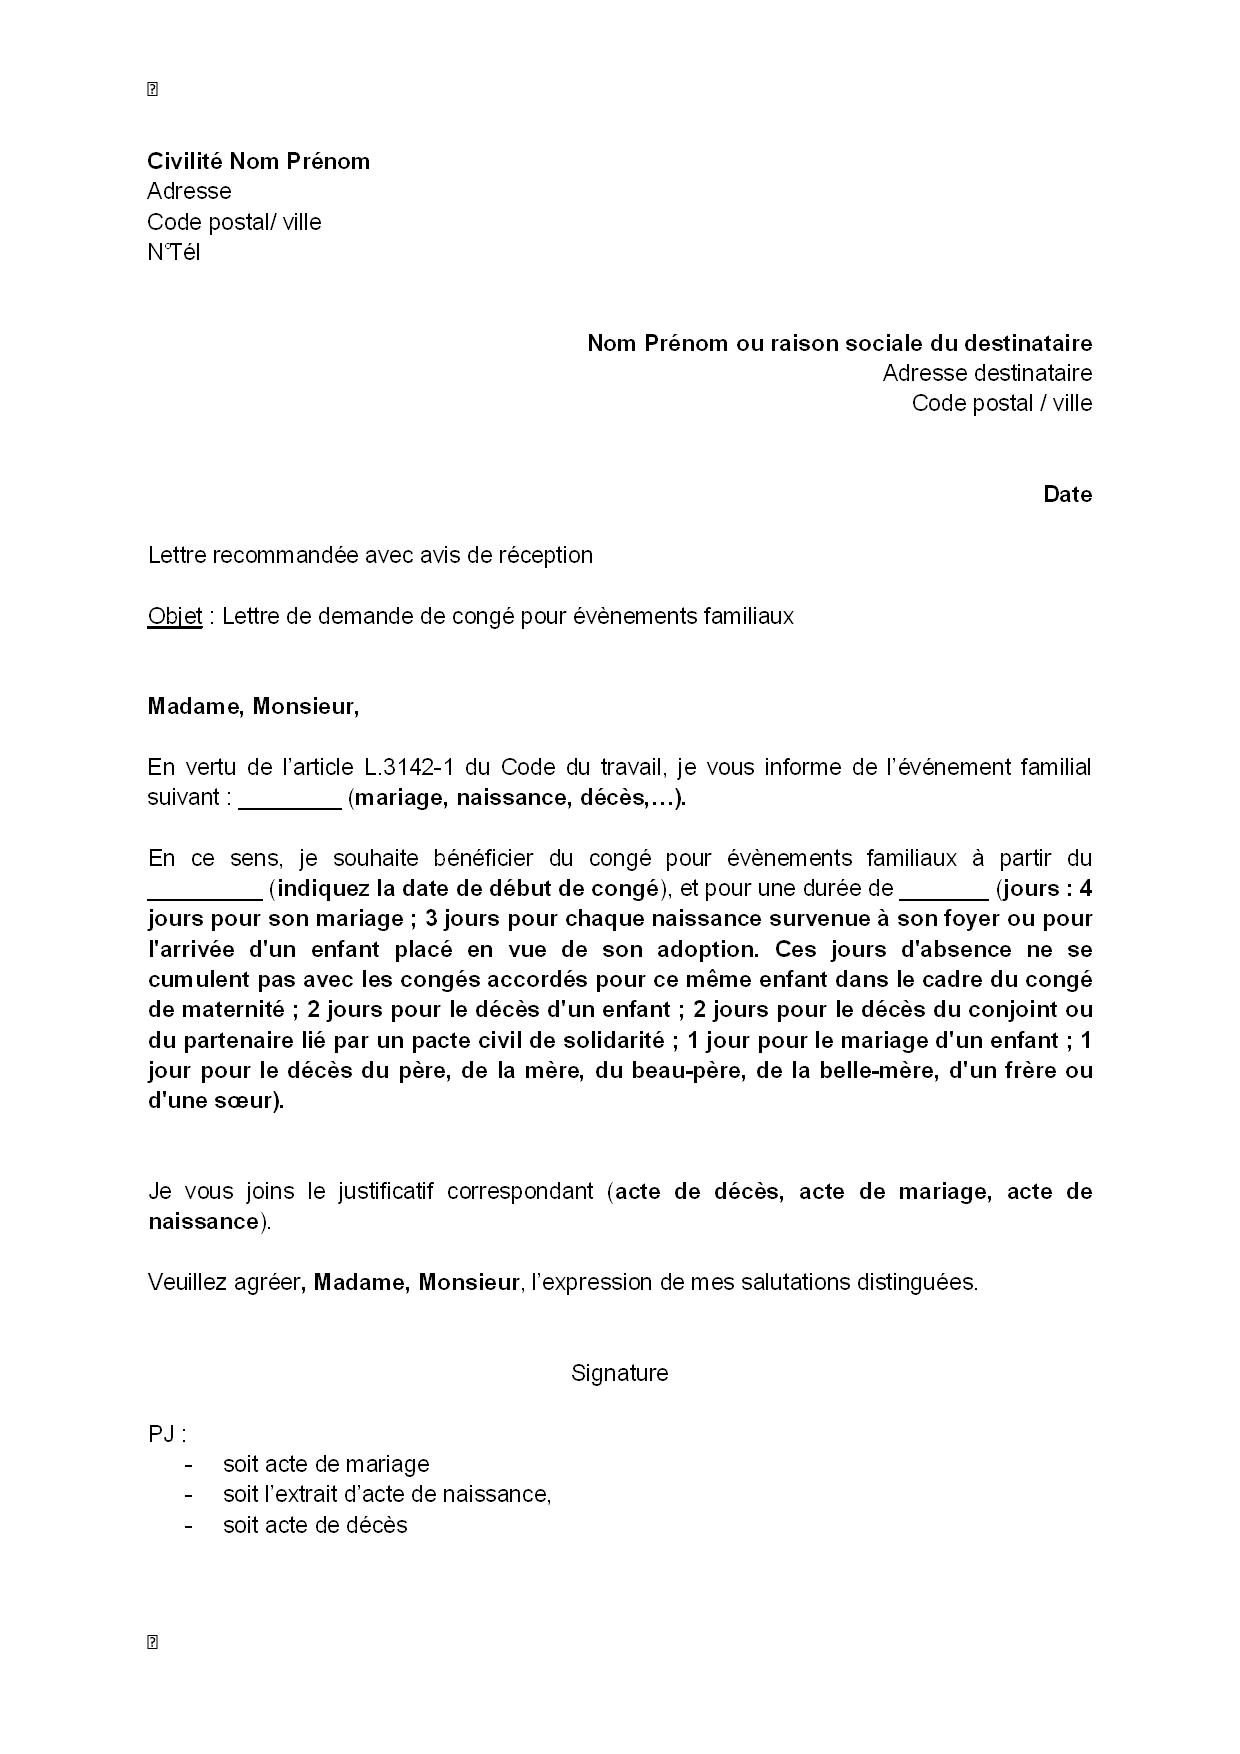 Exemple gratuit de lettre demande cong v nement familial for Jours de conges pour demenagement